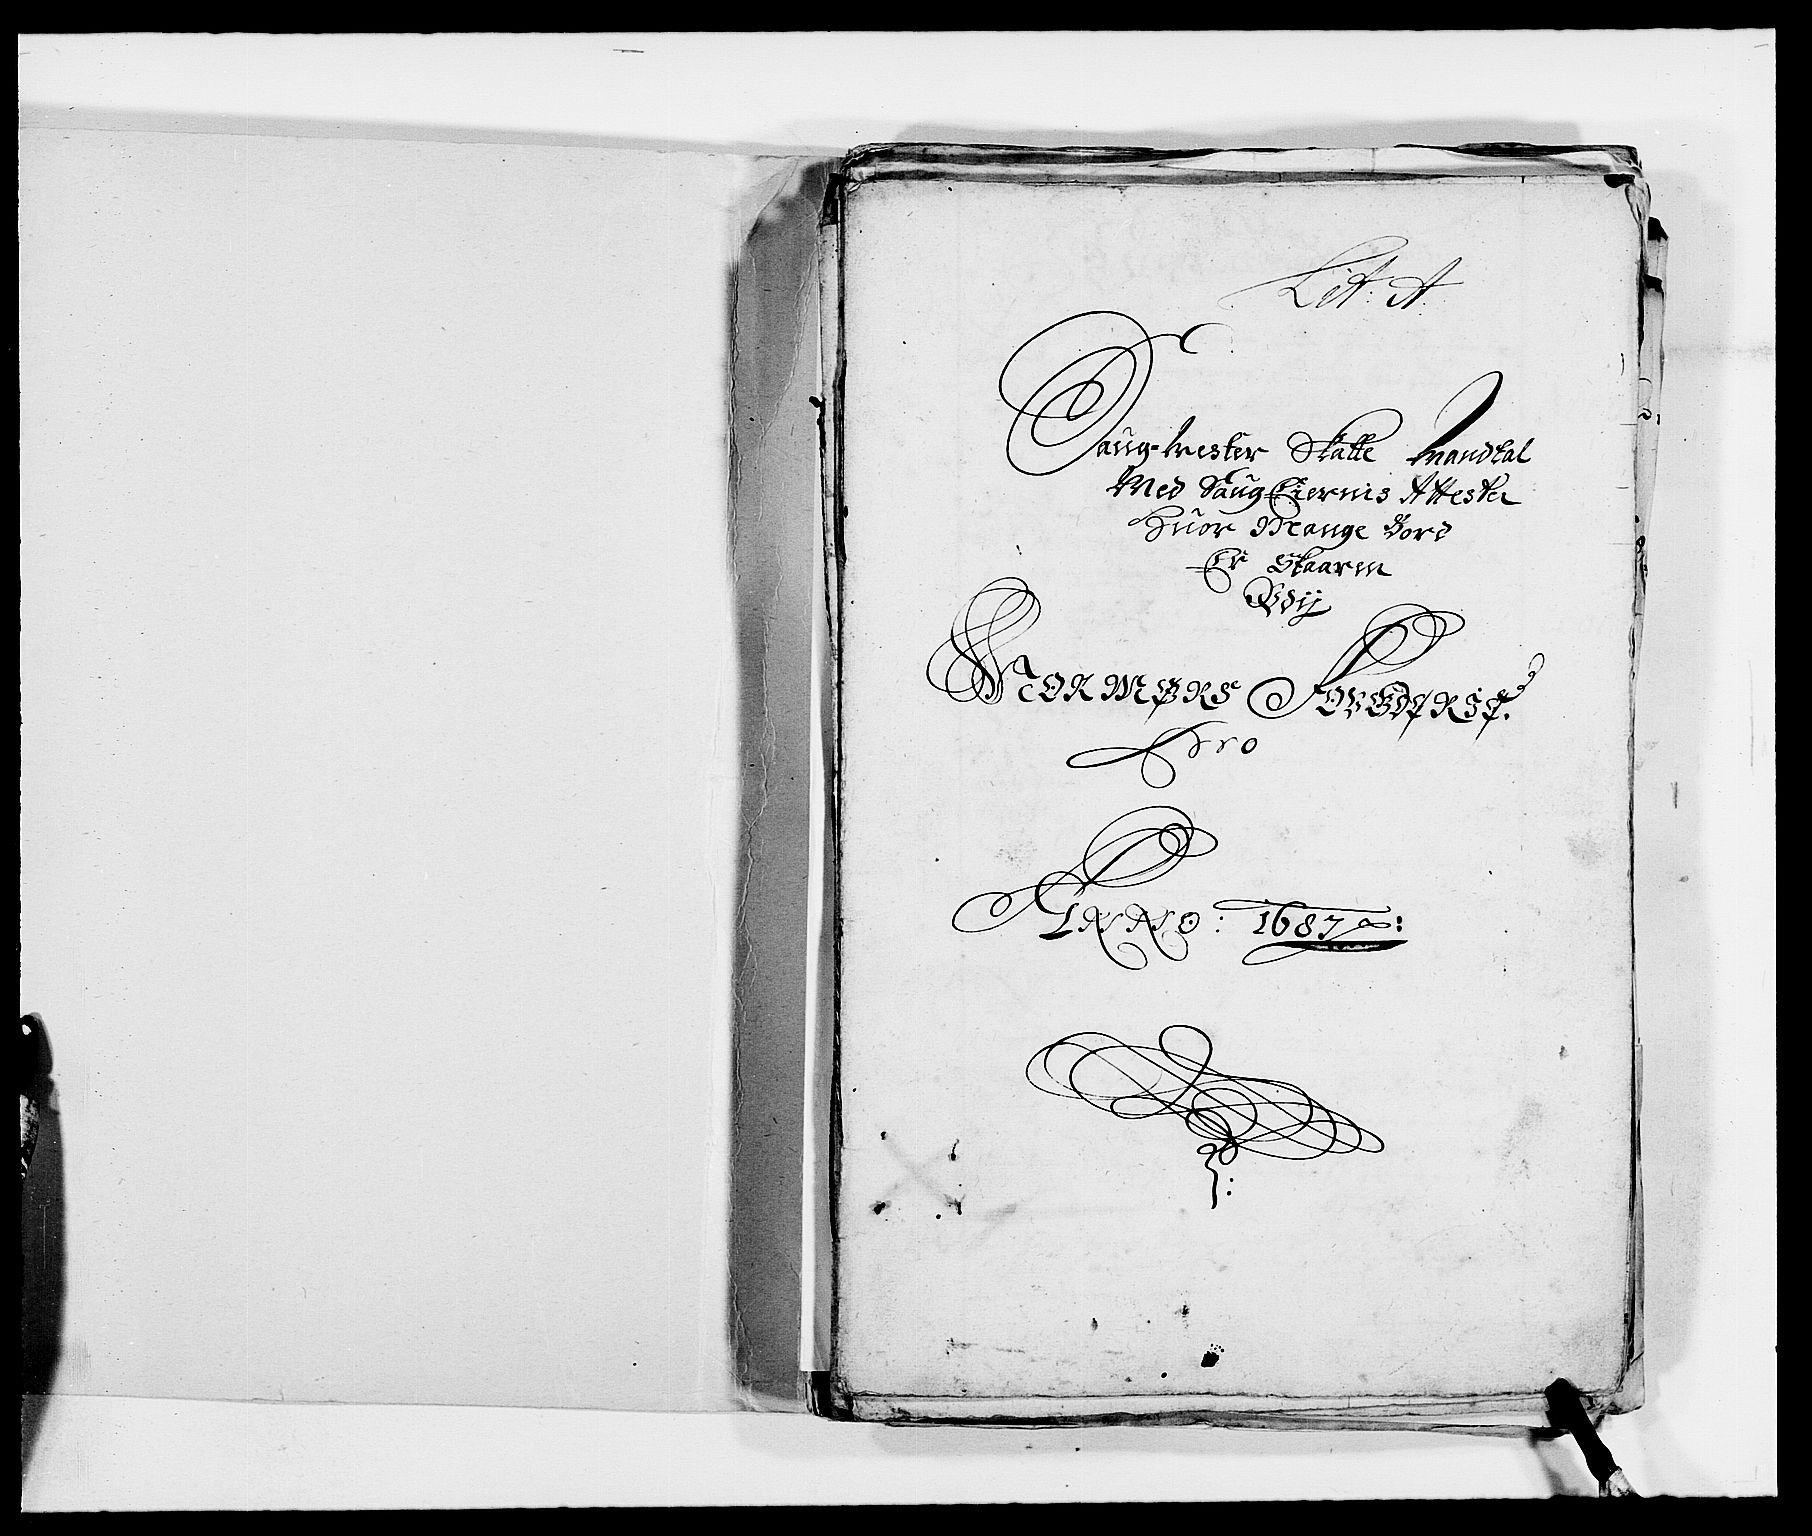 RA, Rentekammeret inntil 1814, Reviderte regnskaper, Fogderegnskap, R56/L3733: Fogderegnskap Nordmøre, 1687-1689, s. 12